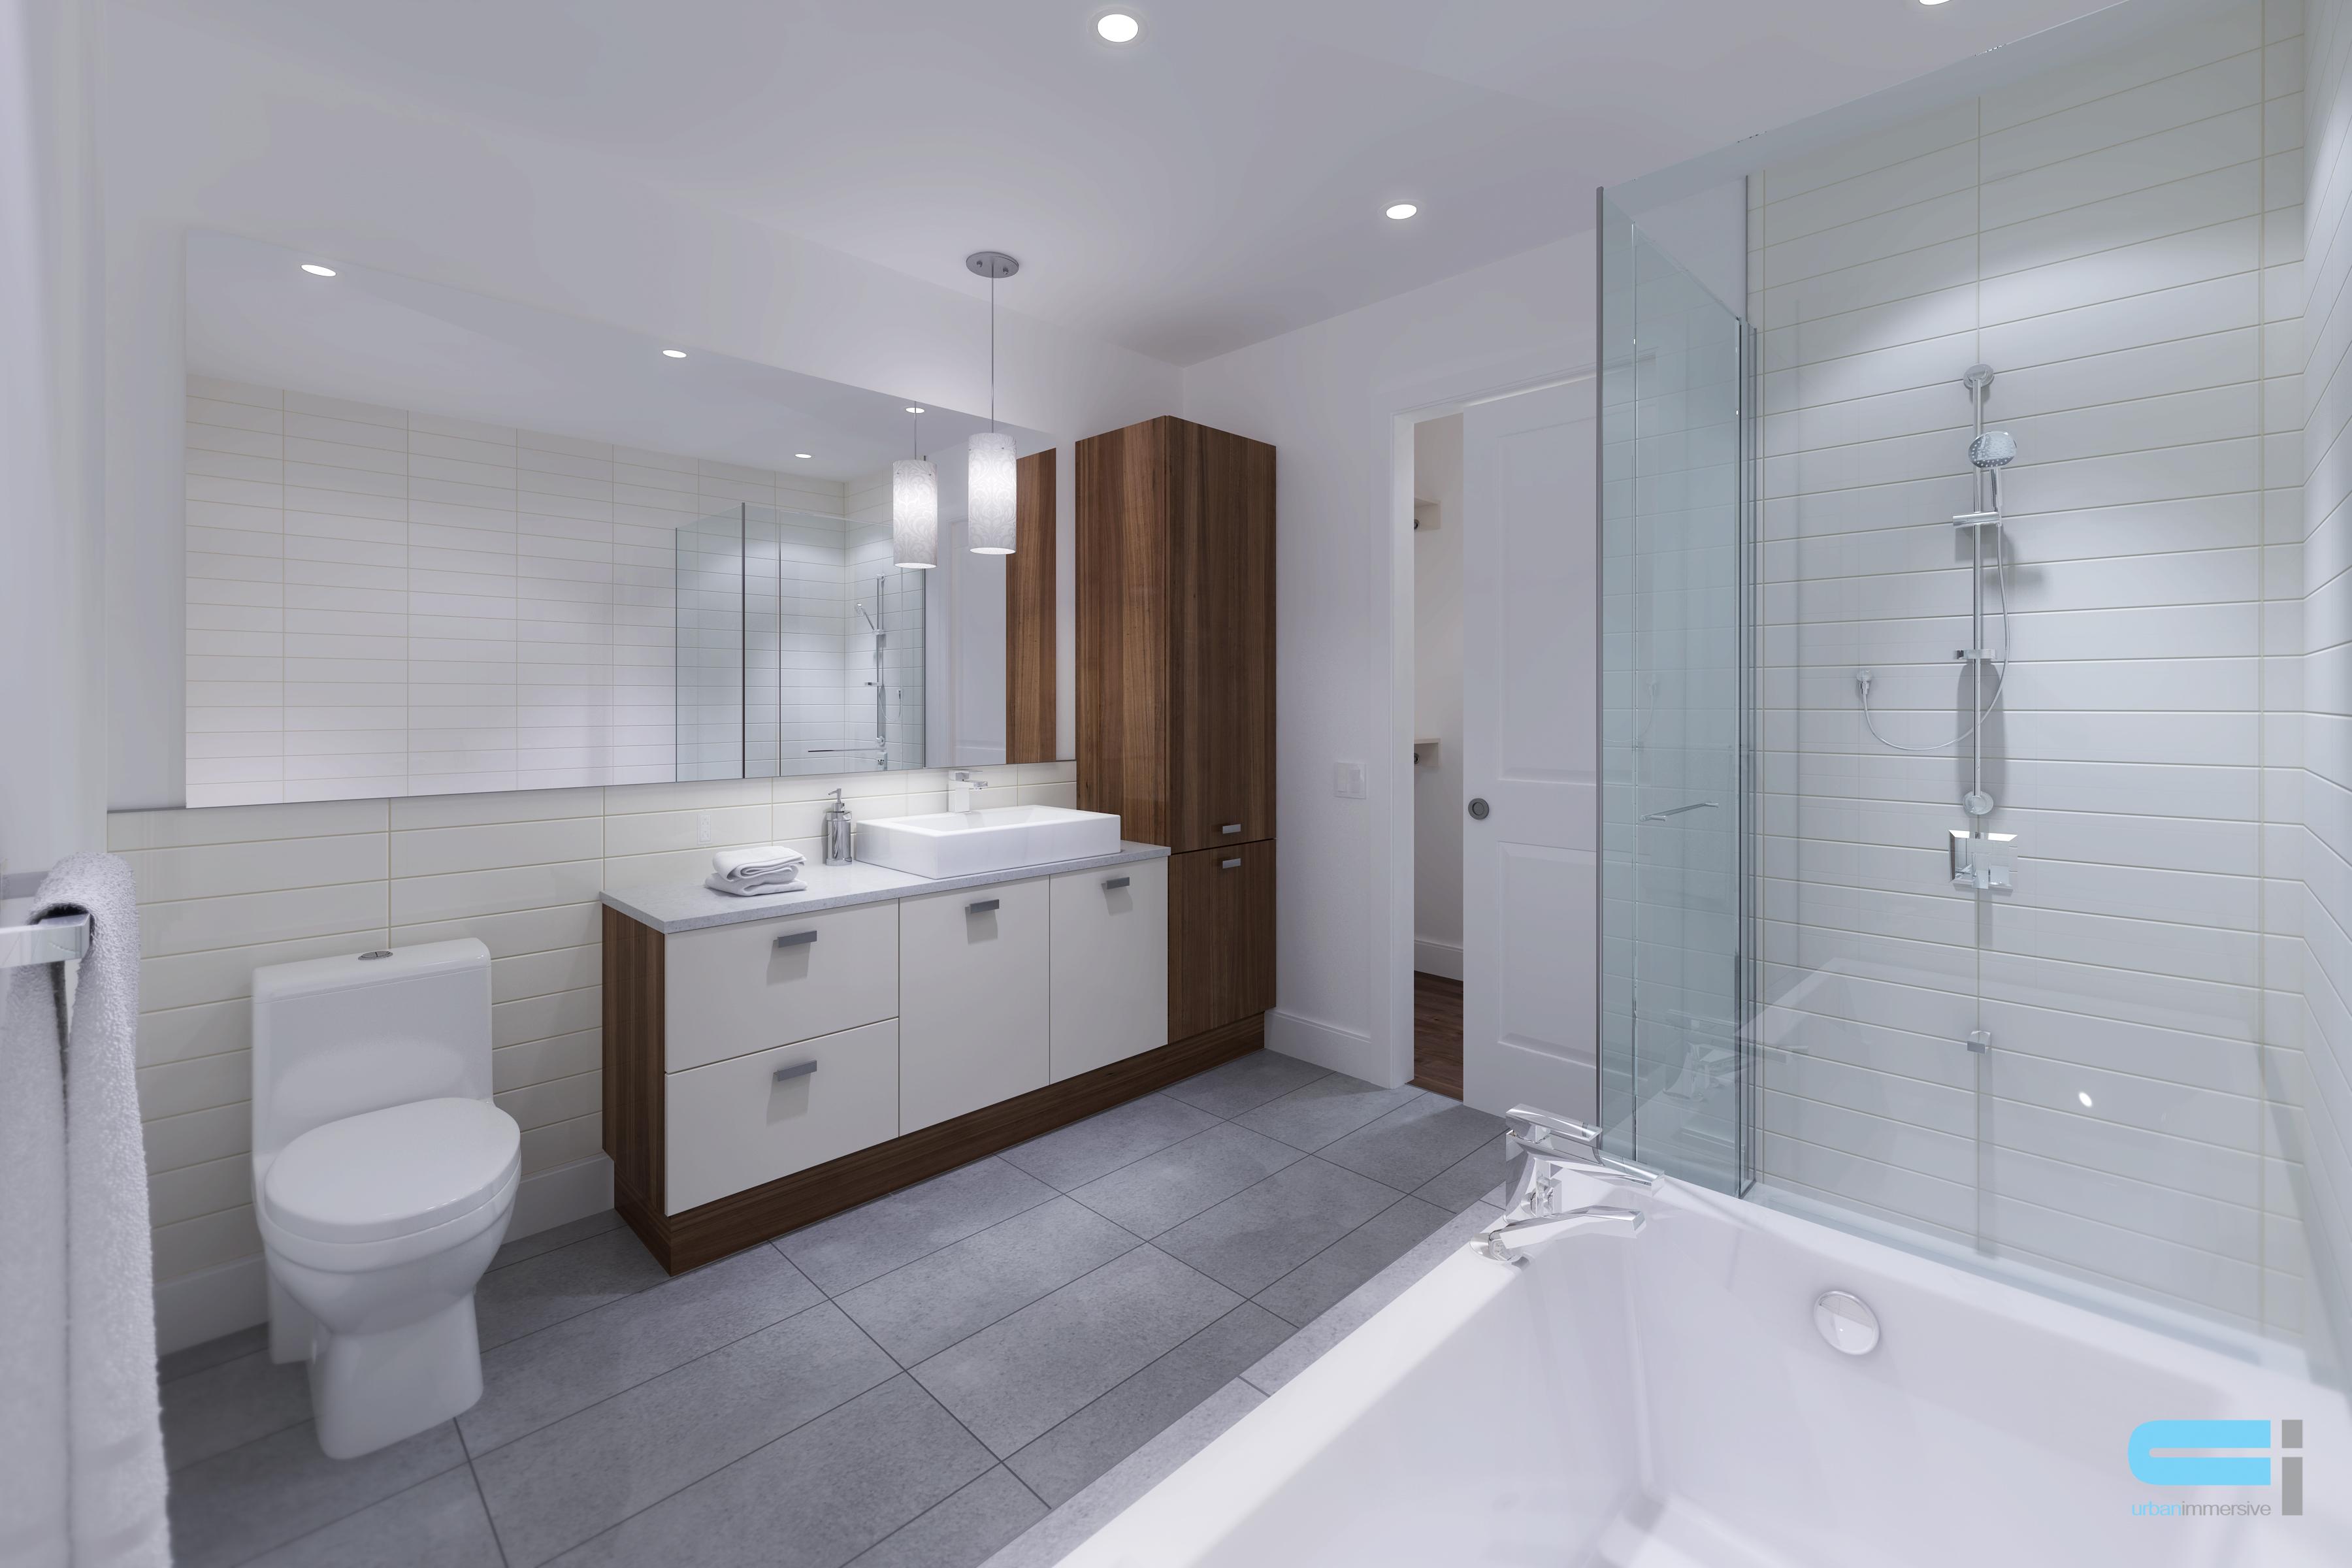 Salle de bain de style minimaliste et épuré qui ose le blanc